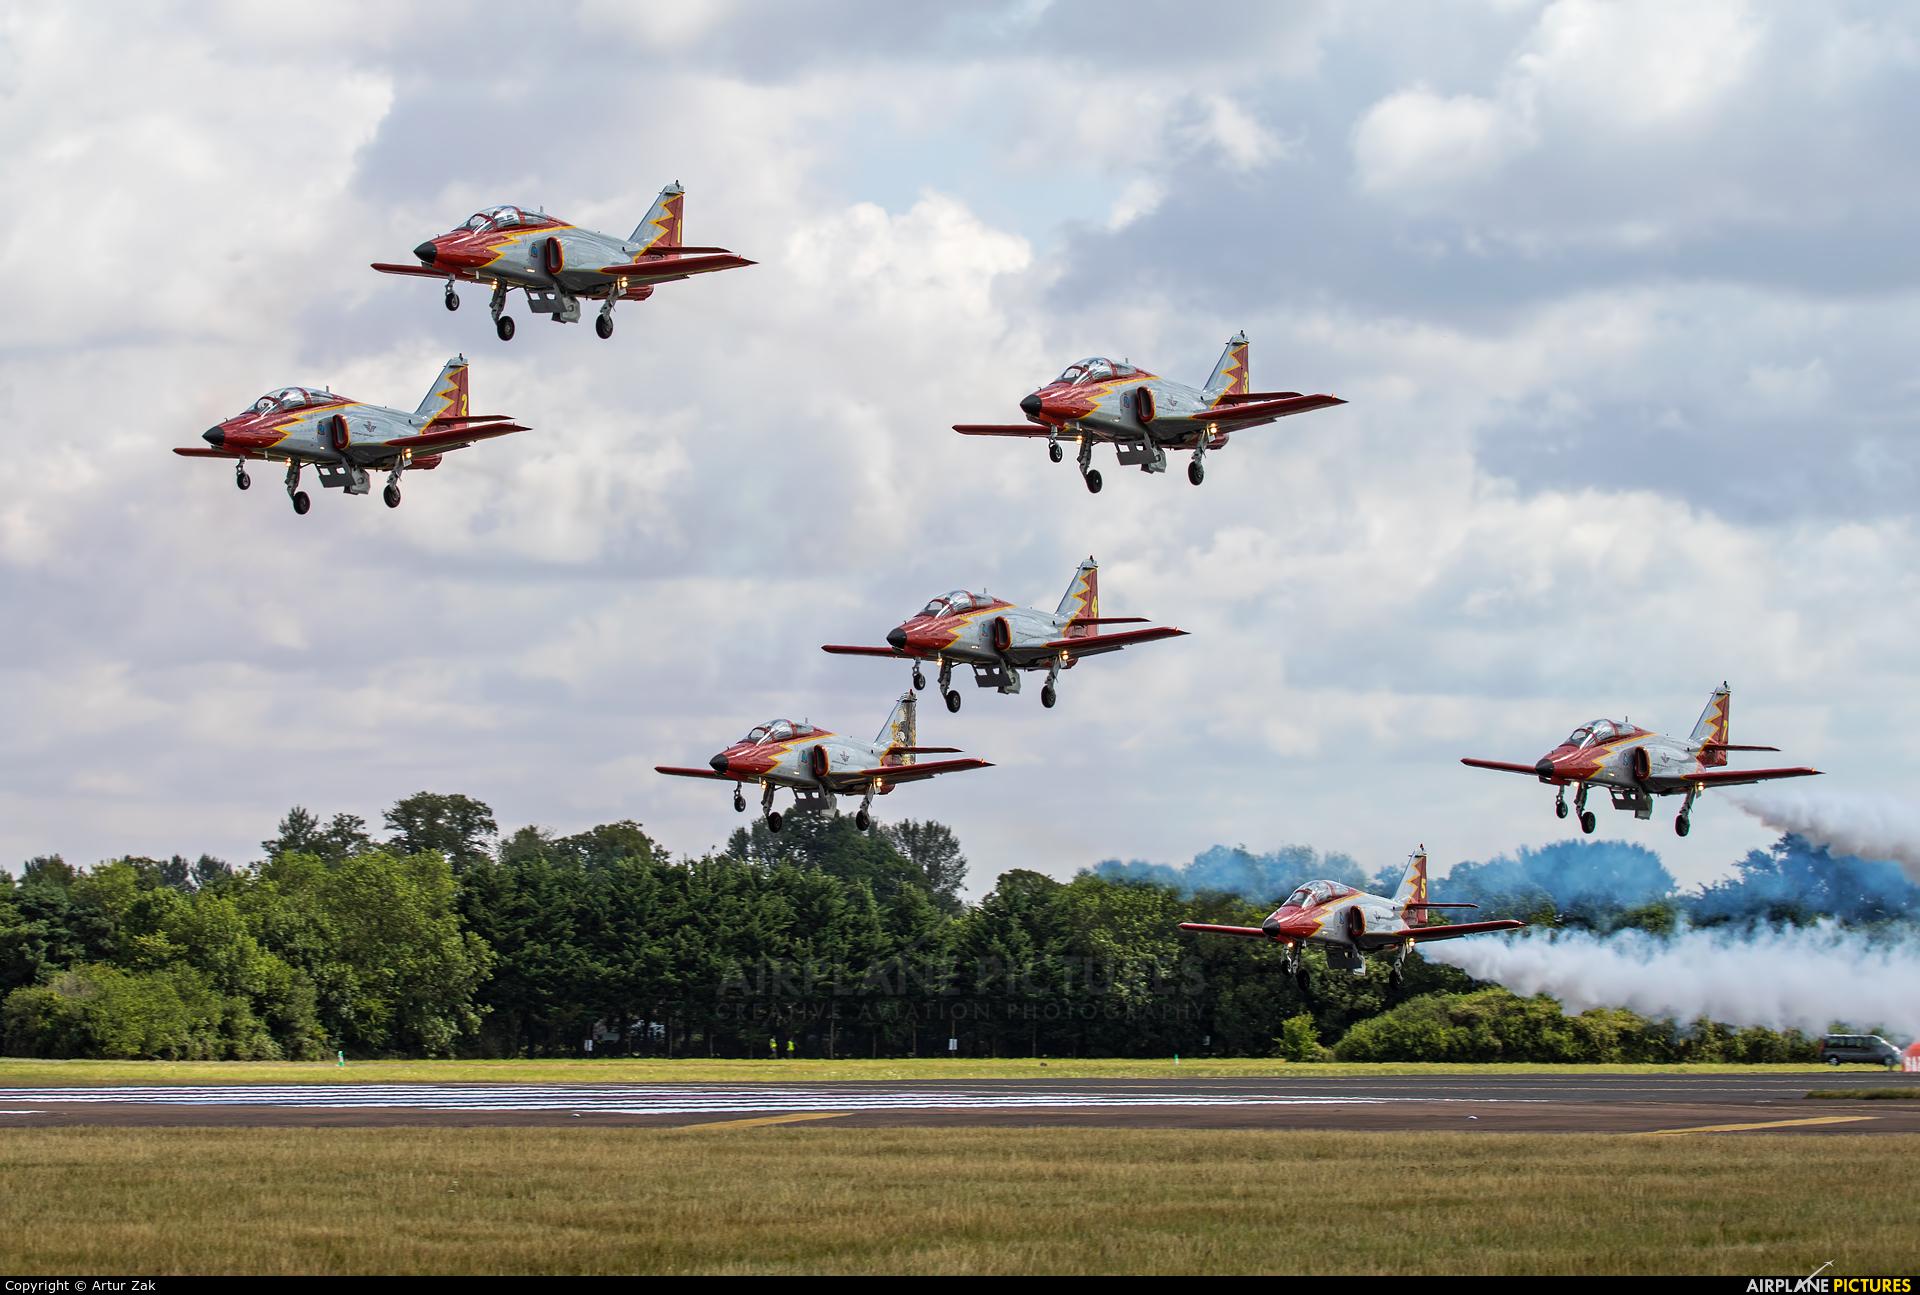 Spain - Air Force : Patrulla Aguila E25-31 aircraft at Fairford